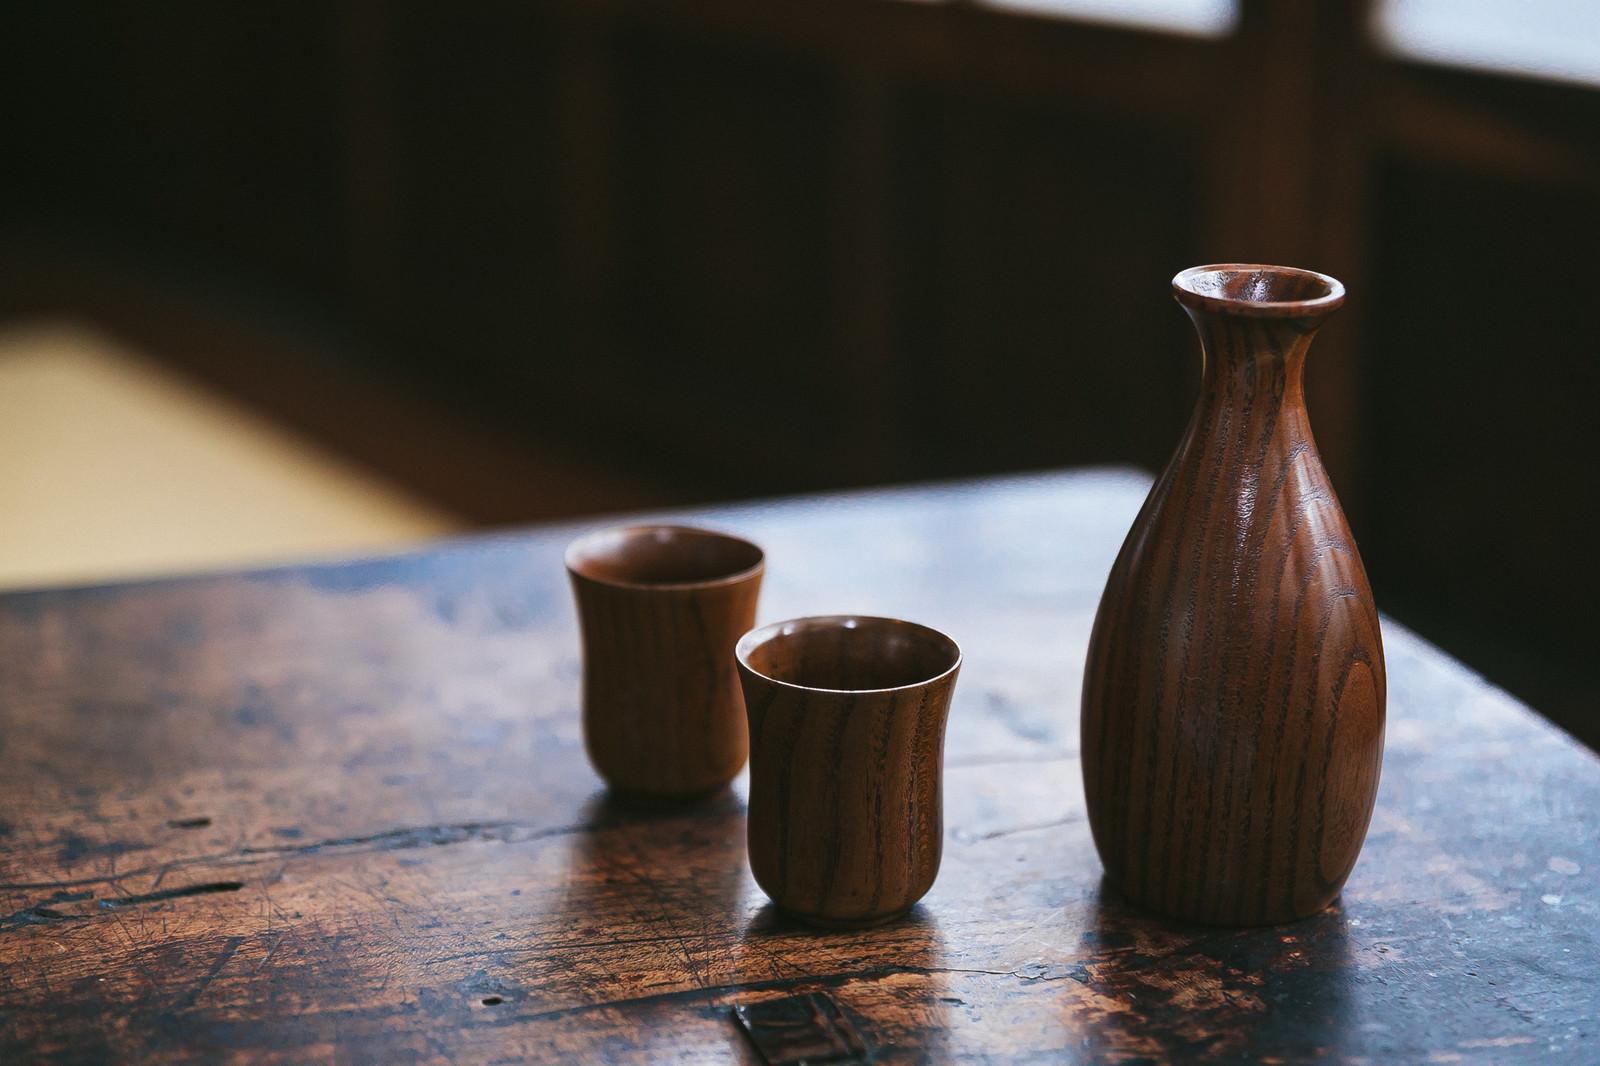 「木目のテーブルととっくり」の写真